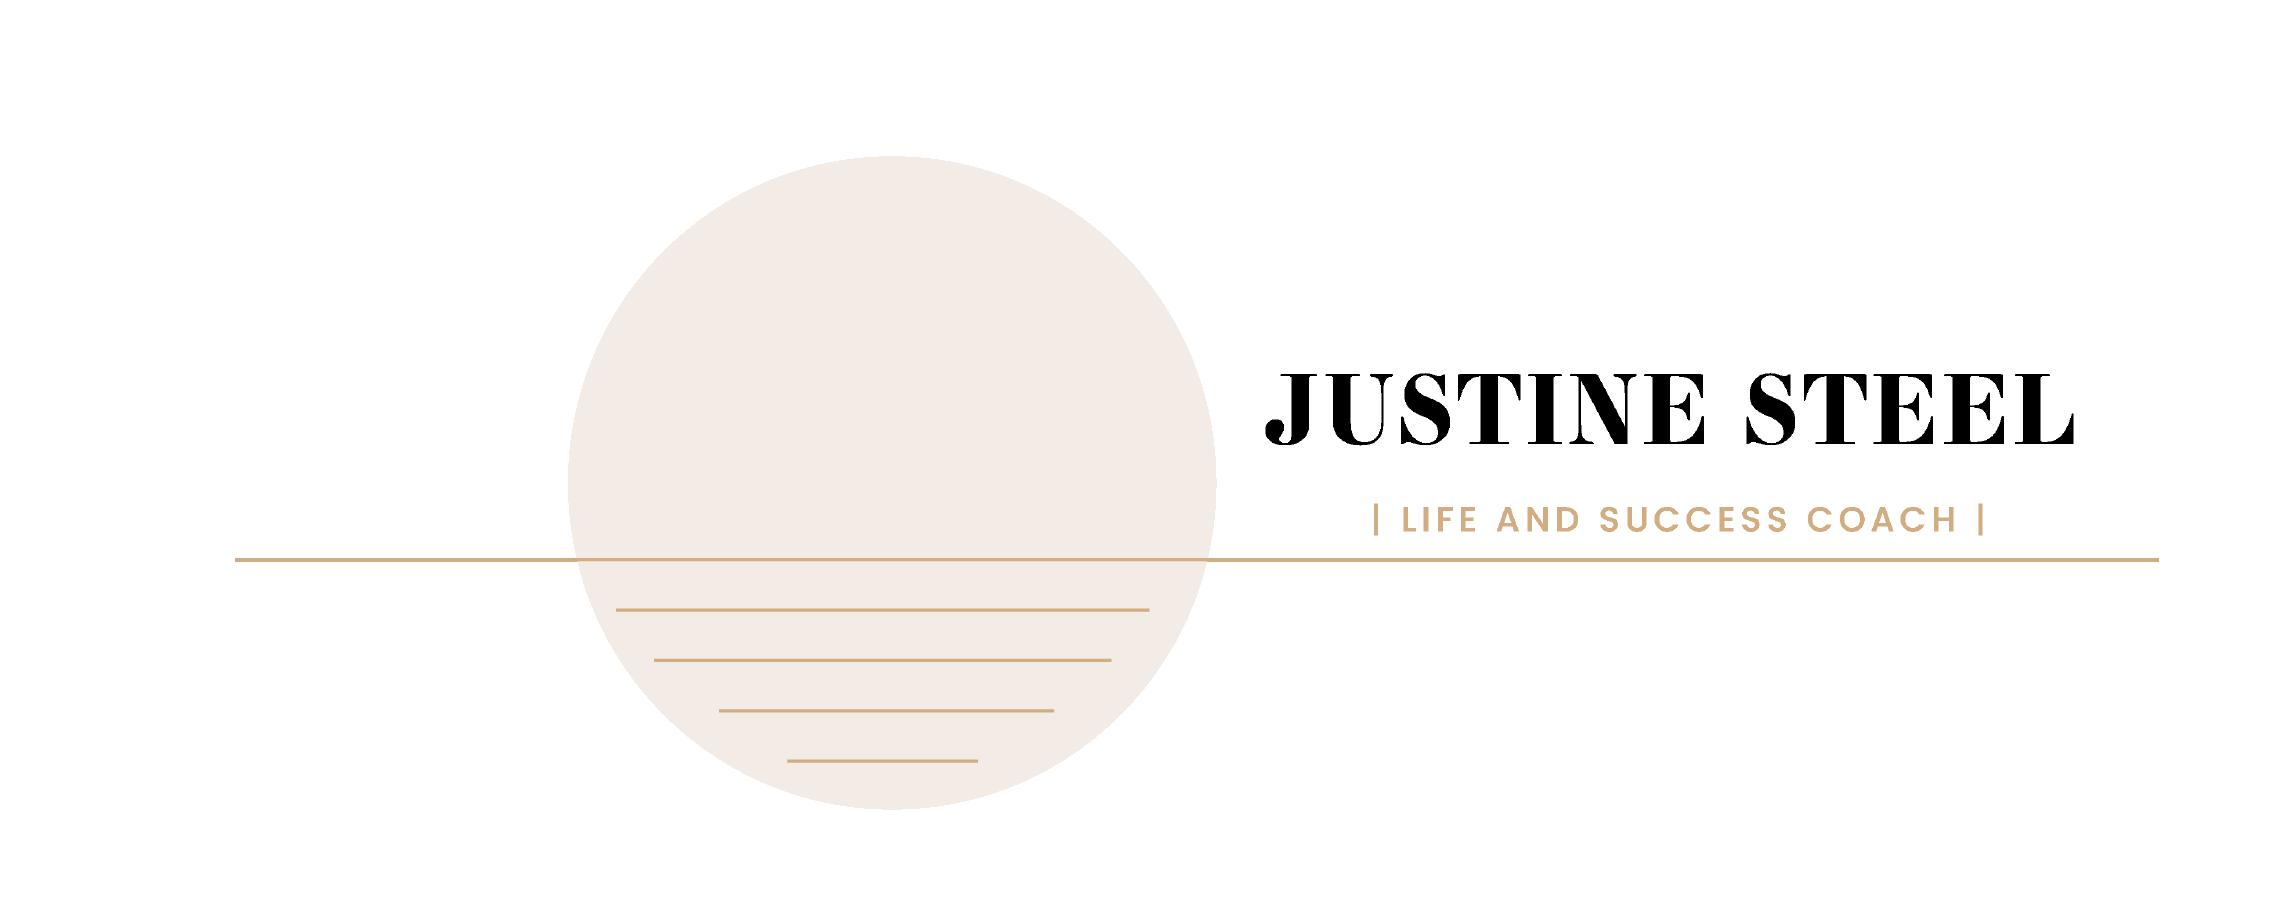 Justine Steel Website designs - tesimonials-11.png